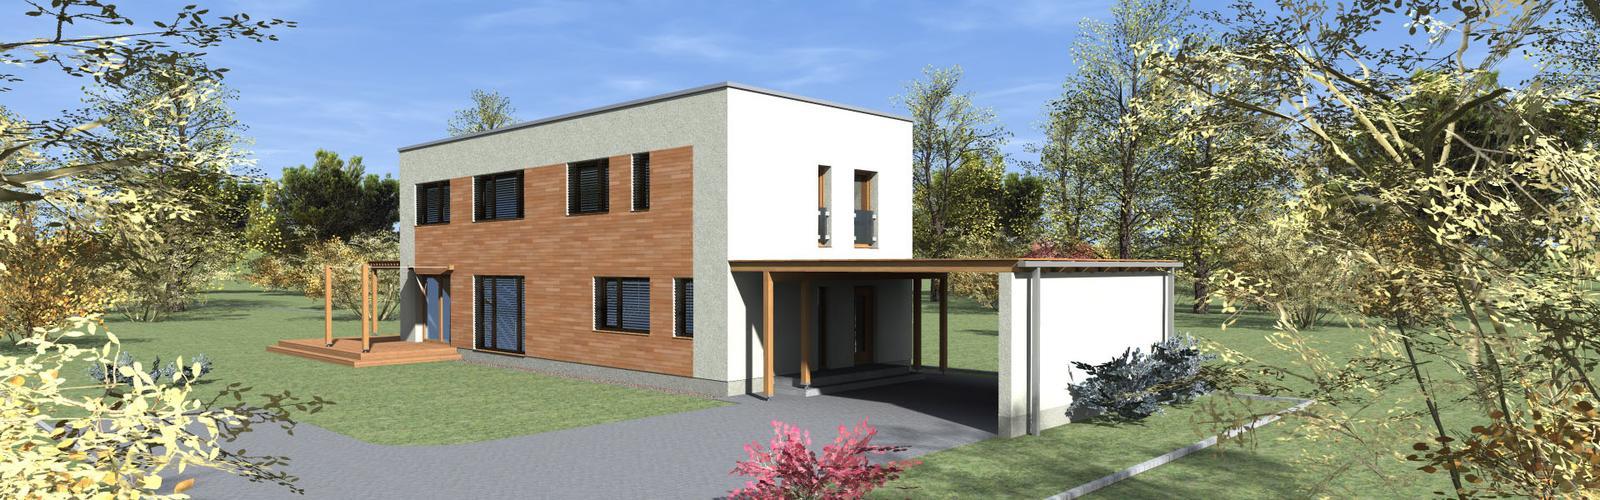 janvirostko - Energeticky pasívny dom v Kráľovej pri Senci